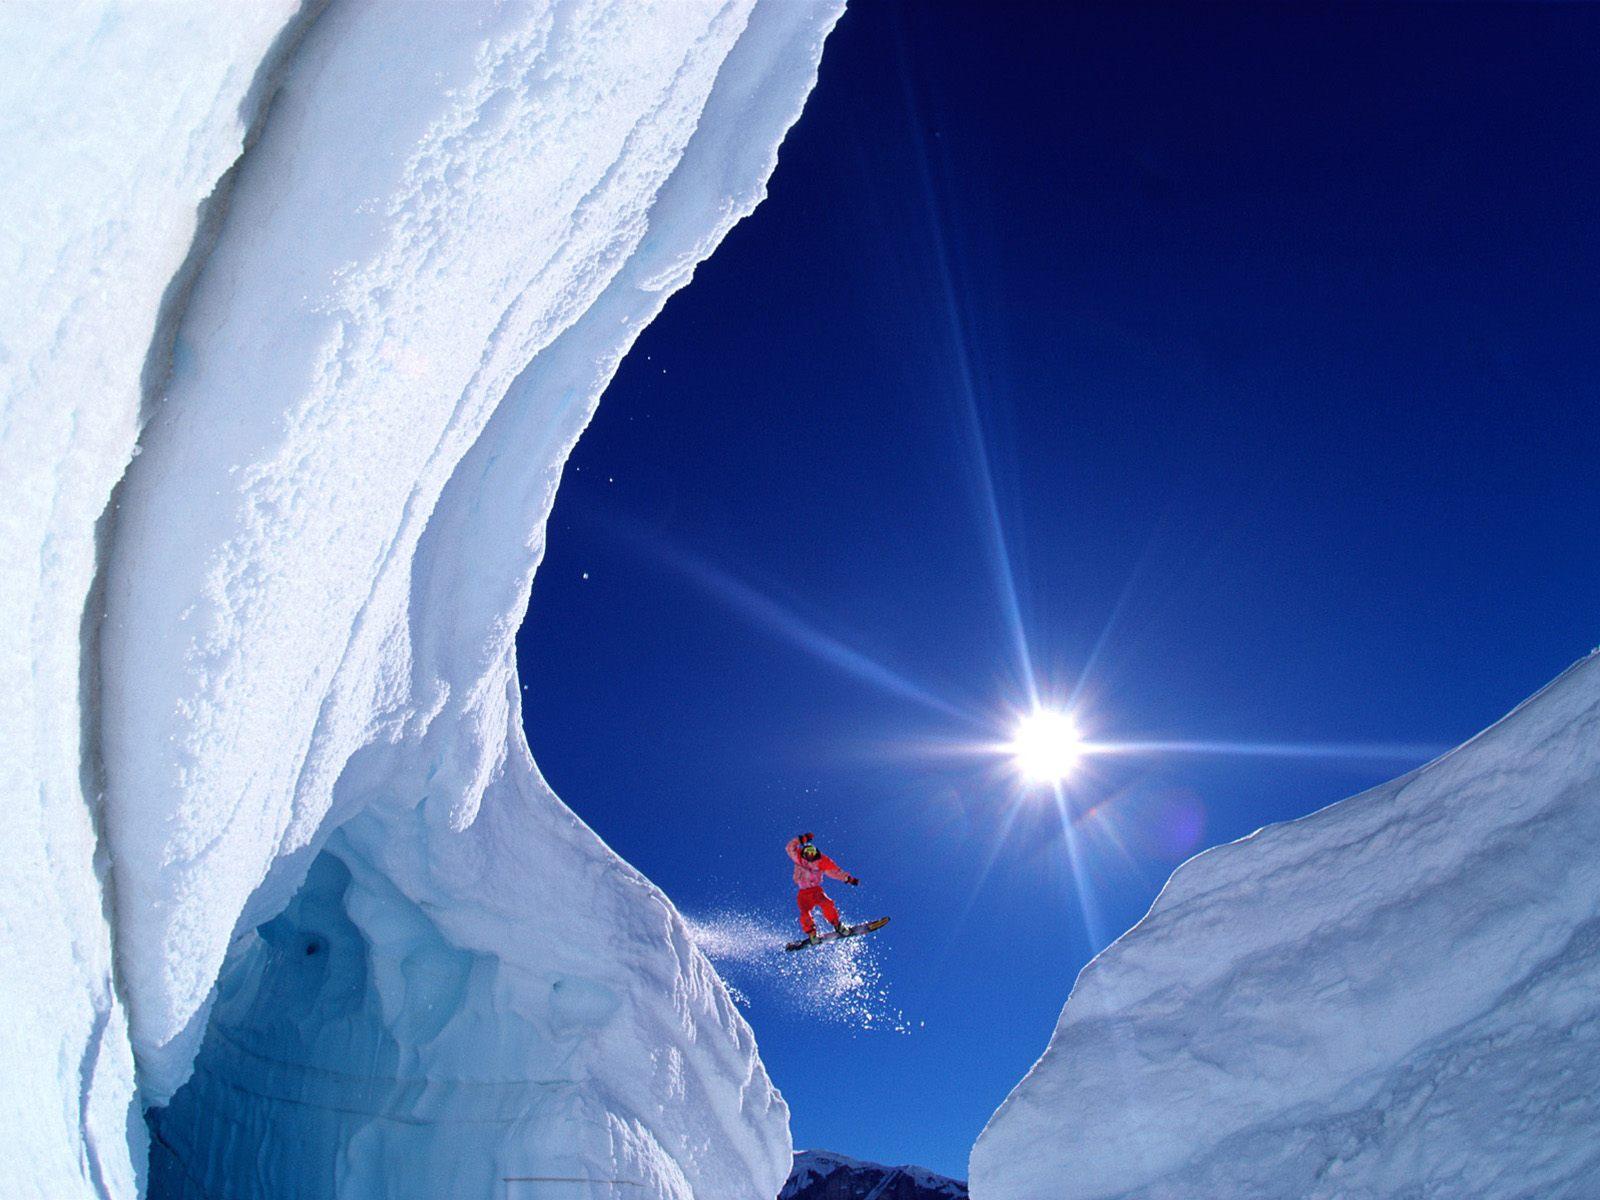 Снеговик на сноуборде  № 3290205 без смс